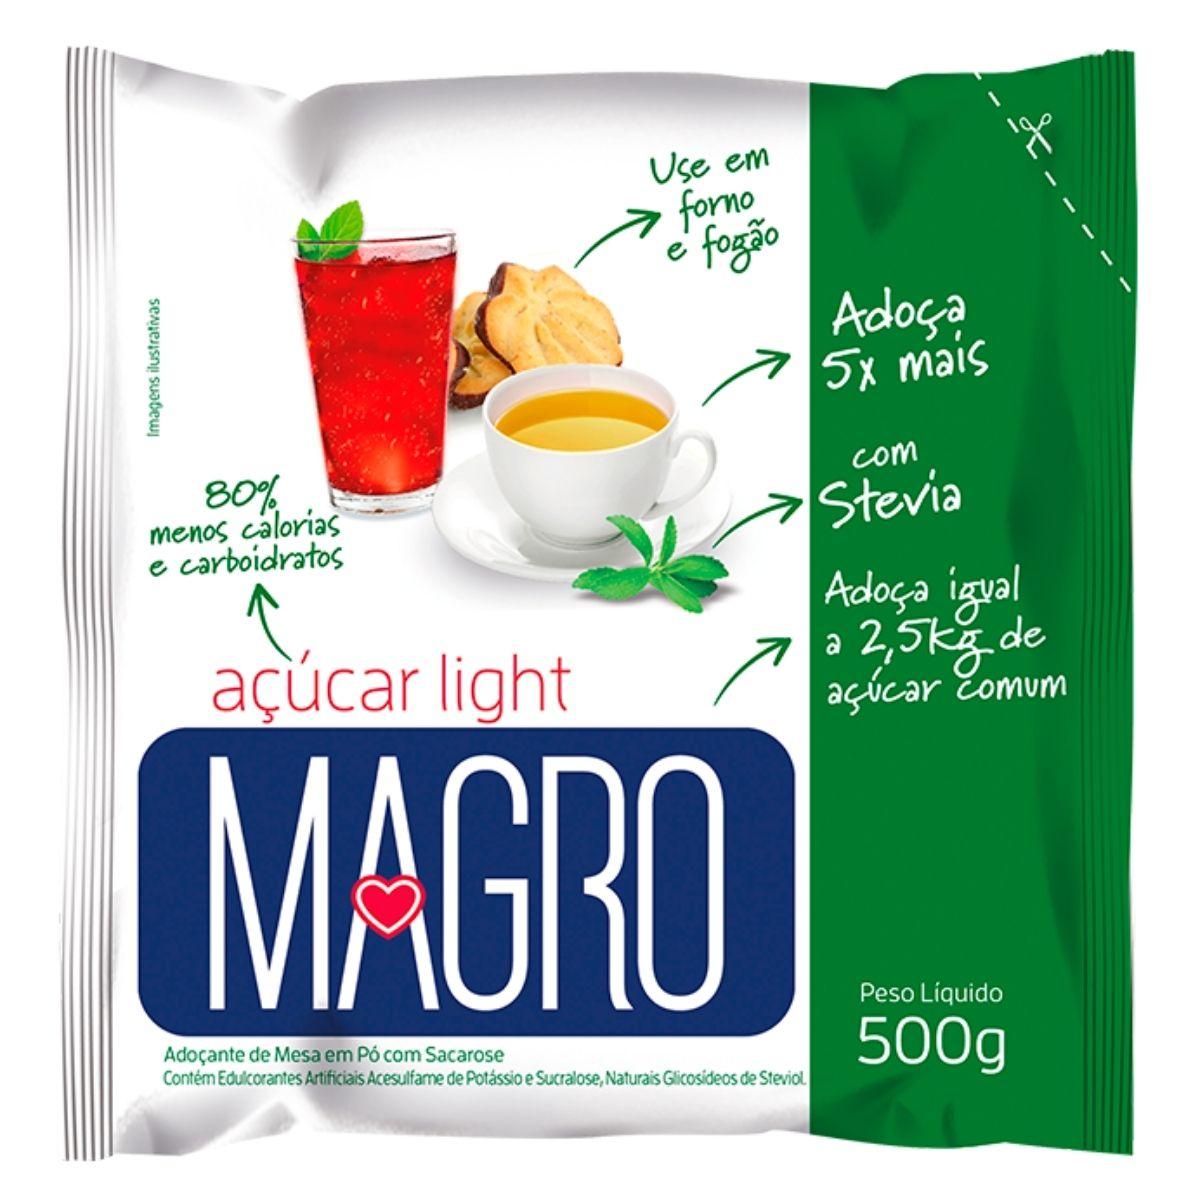 Açúcar Light Magro com Stevia 500g - Forno e Fogão